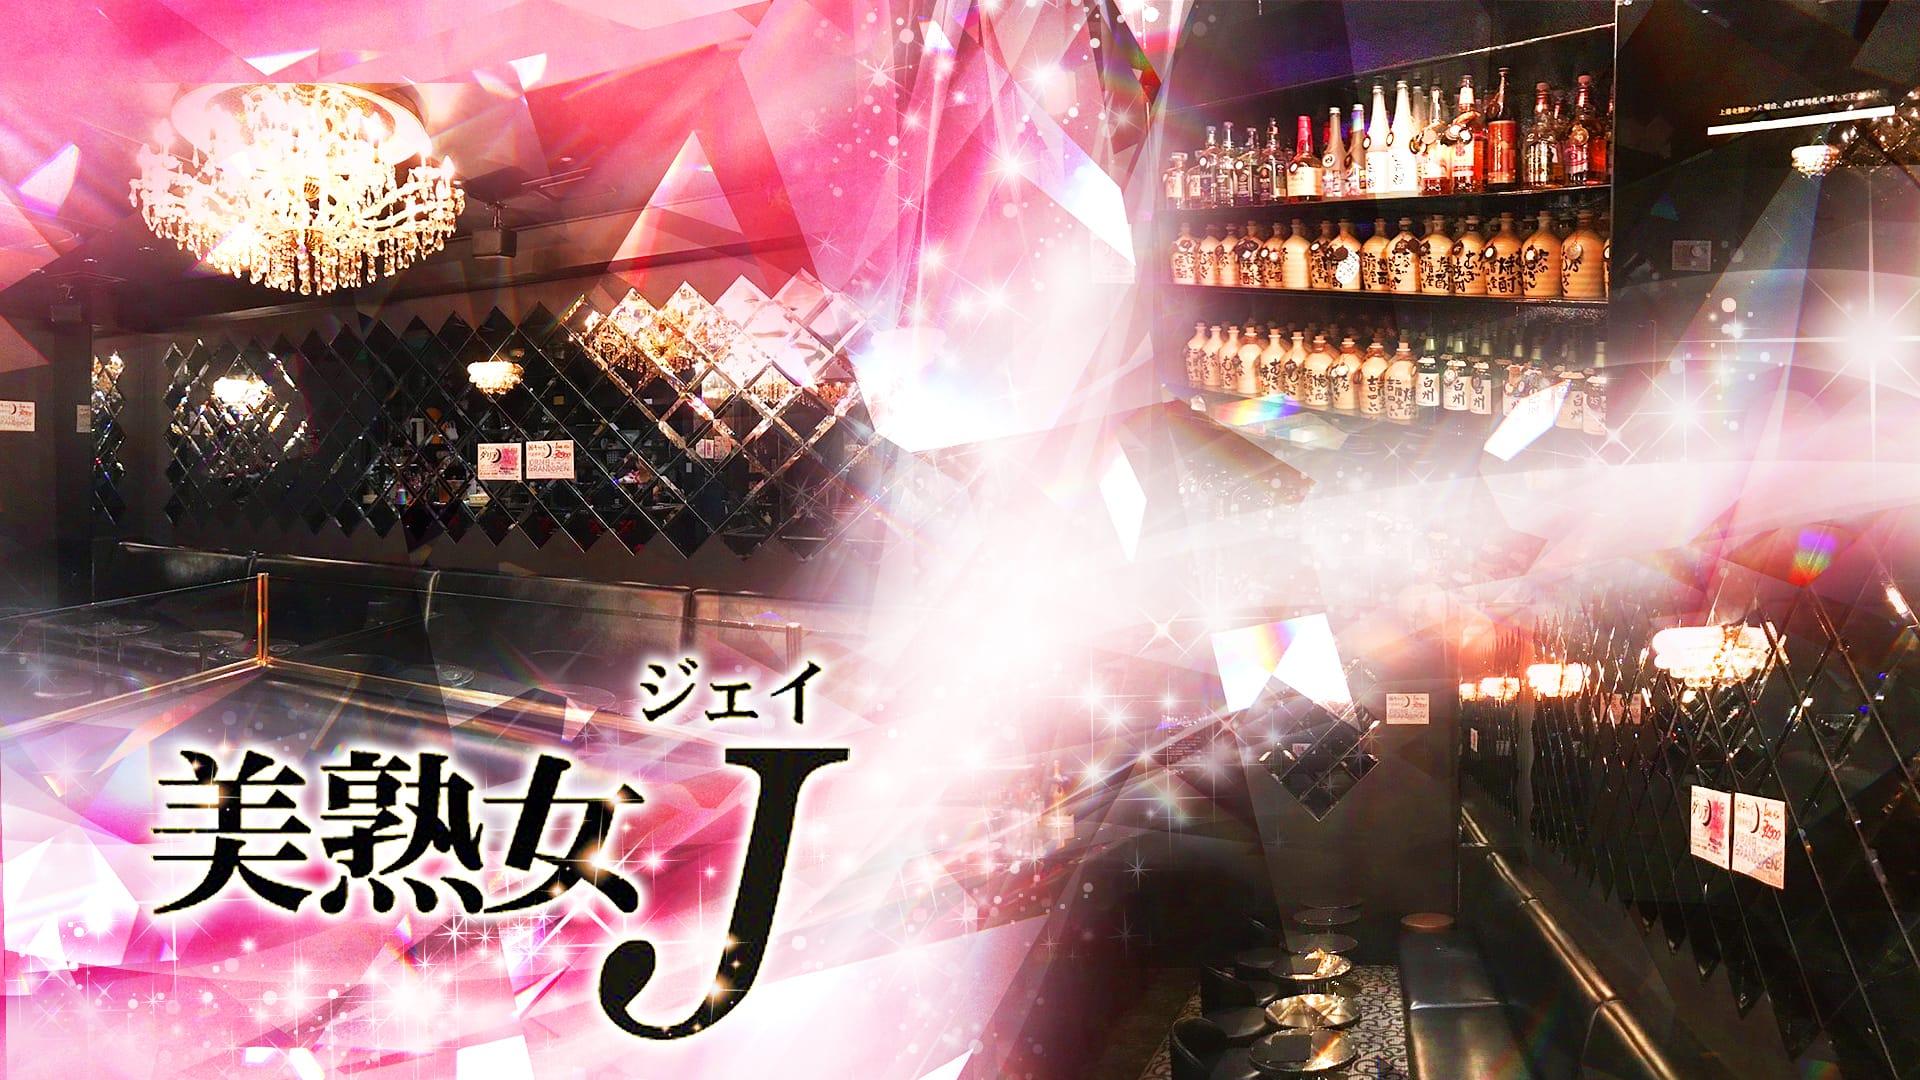 熟女キャバ☆美熟女クラブ J[ジェイ] 門前仲町 キャバクラ TOP画像